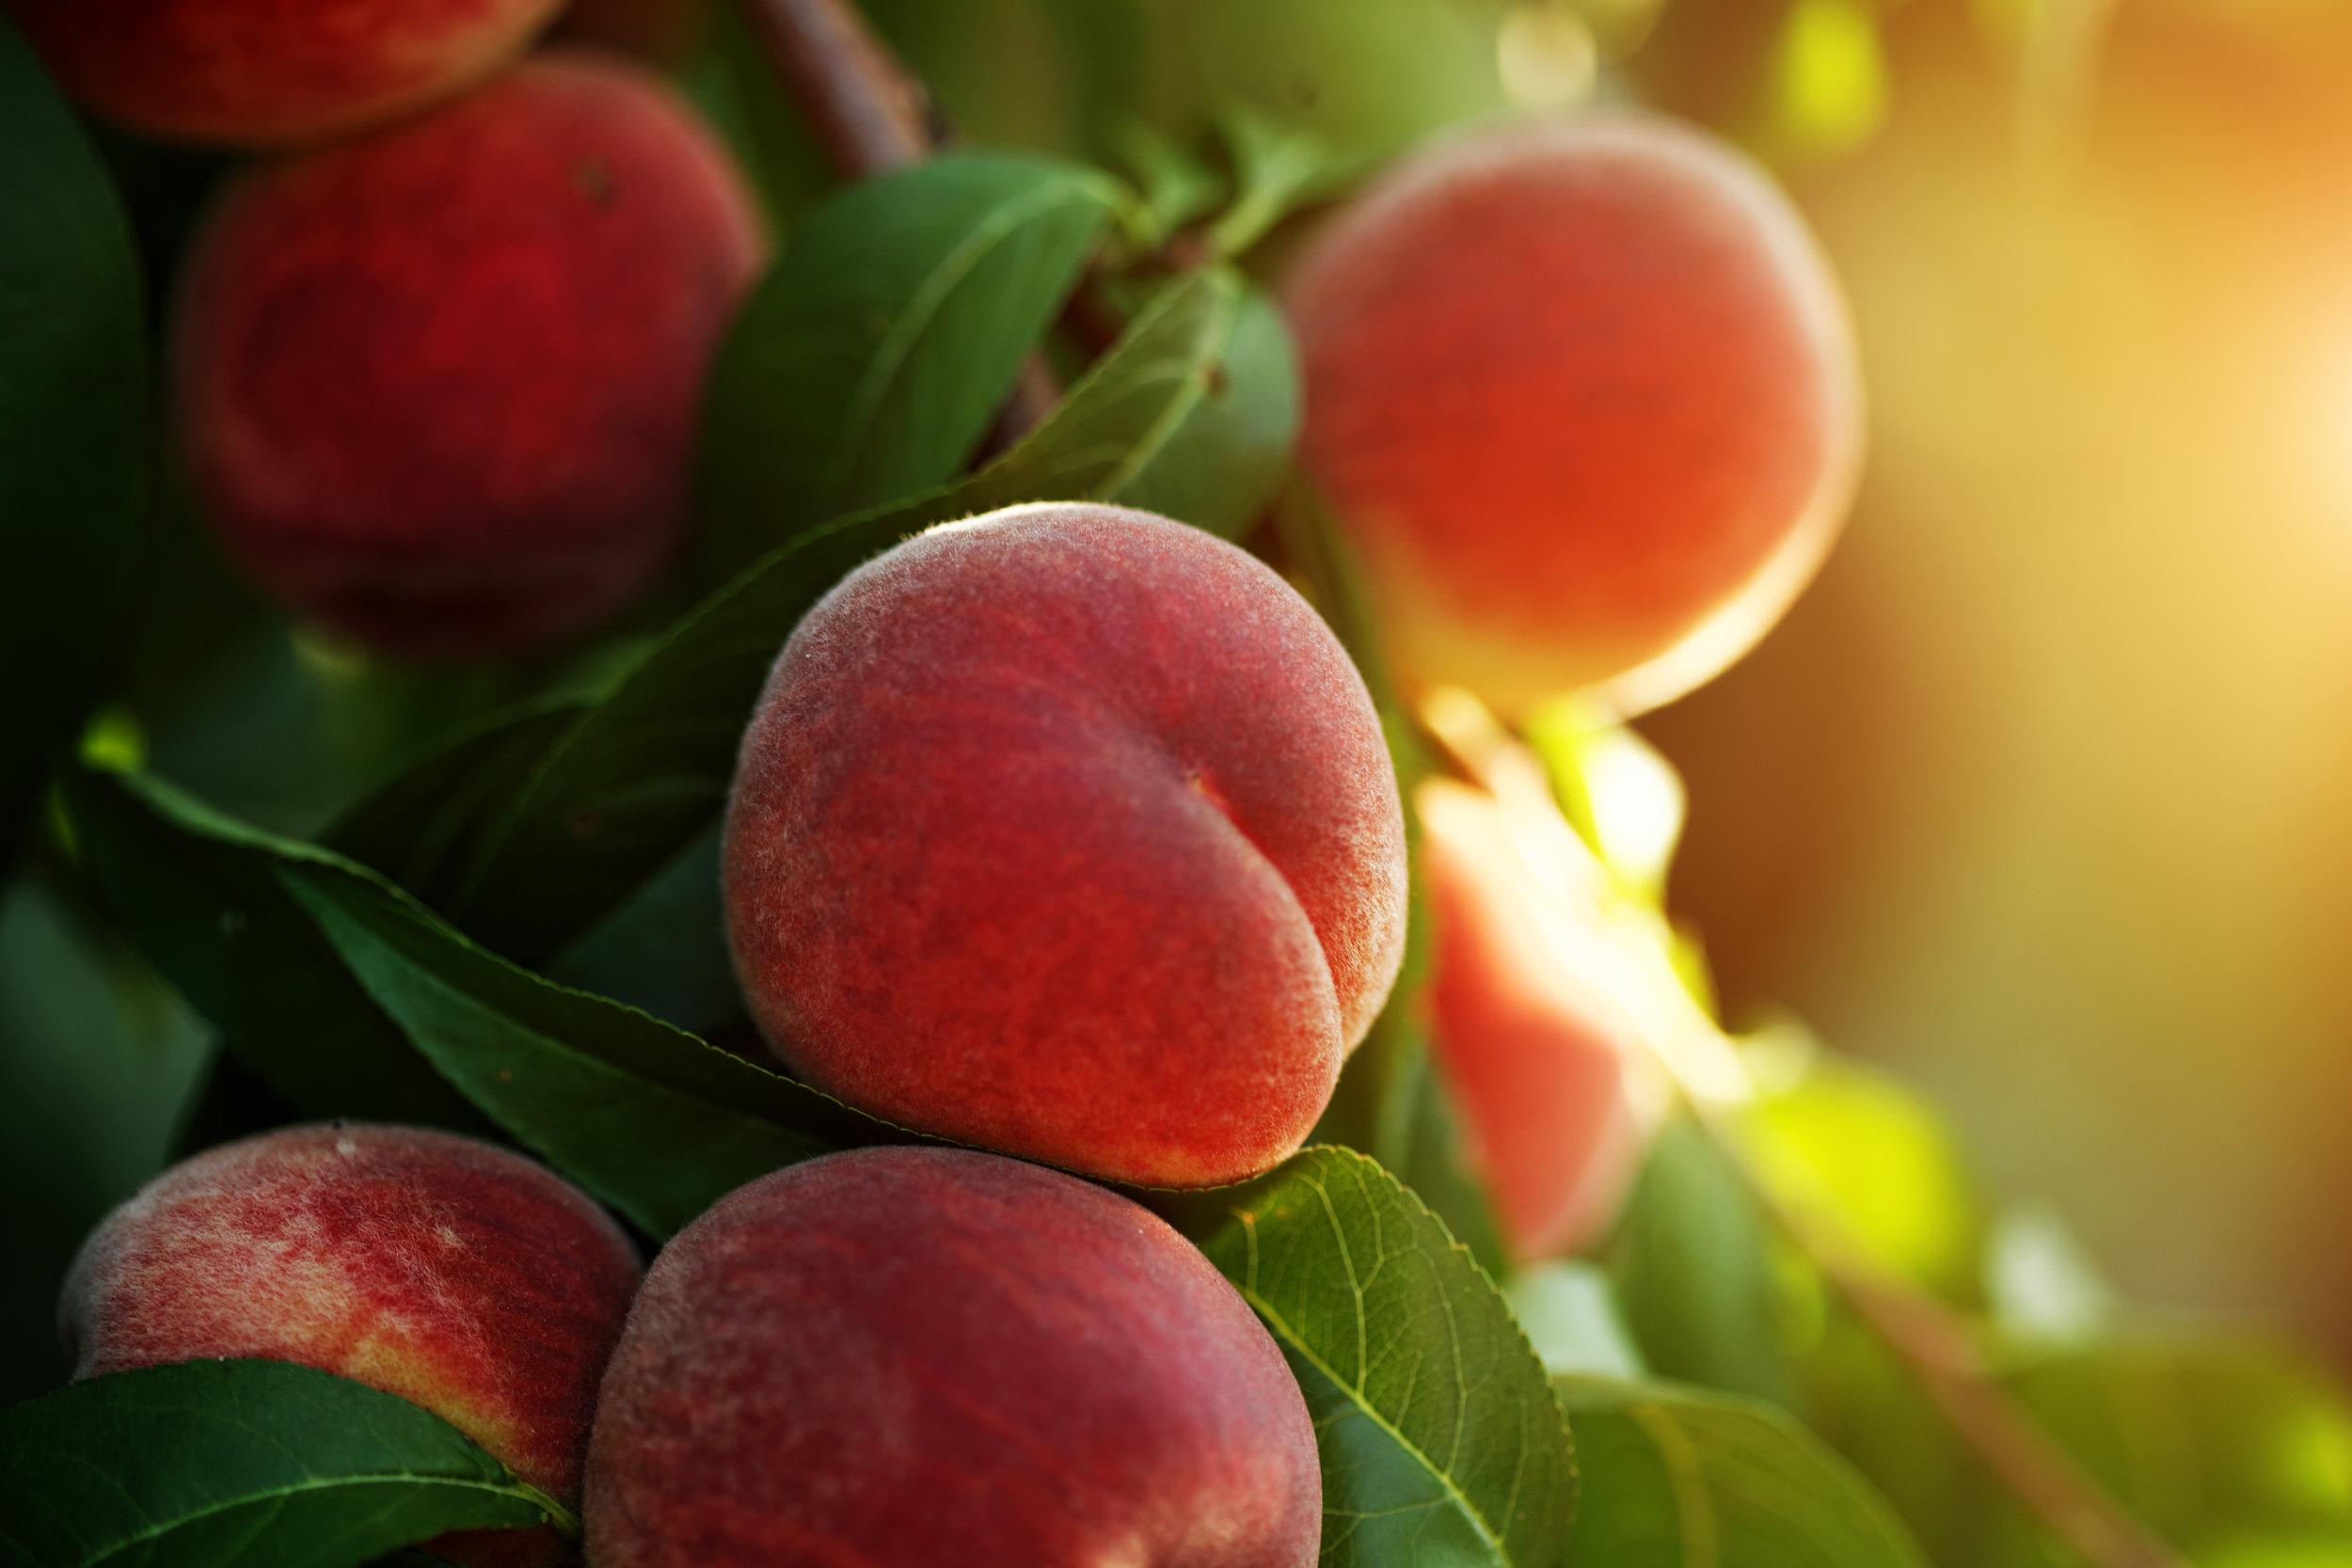 peach-fruits-464513115_5616x3744.jpeg